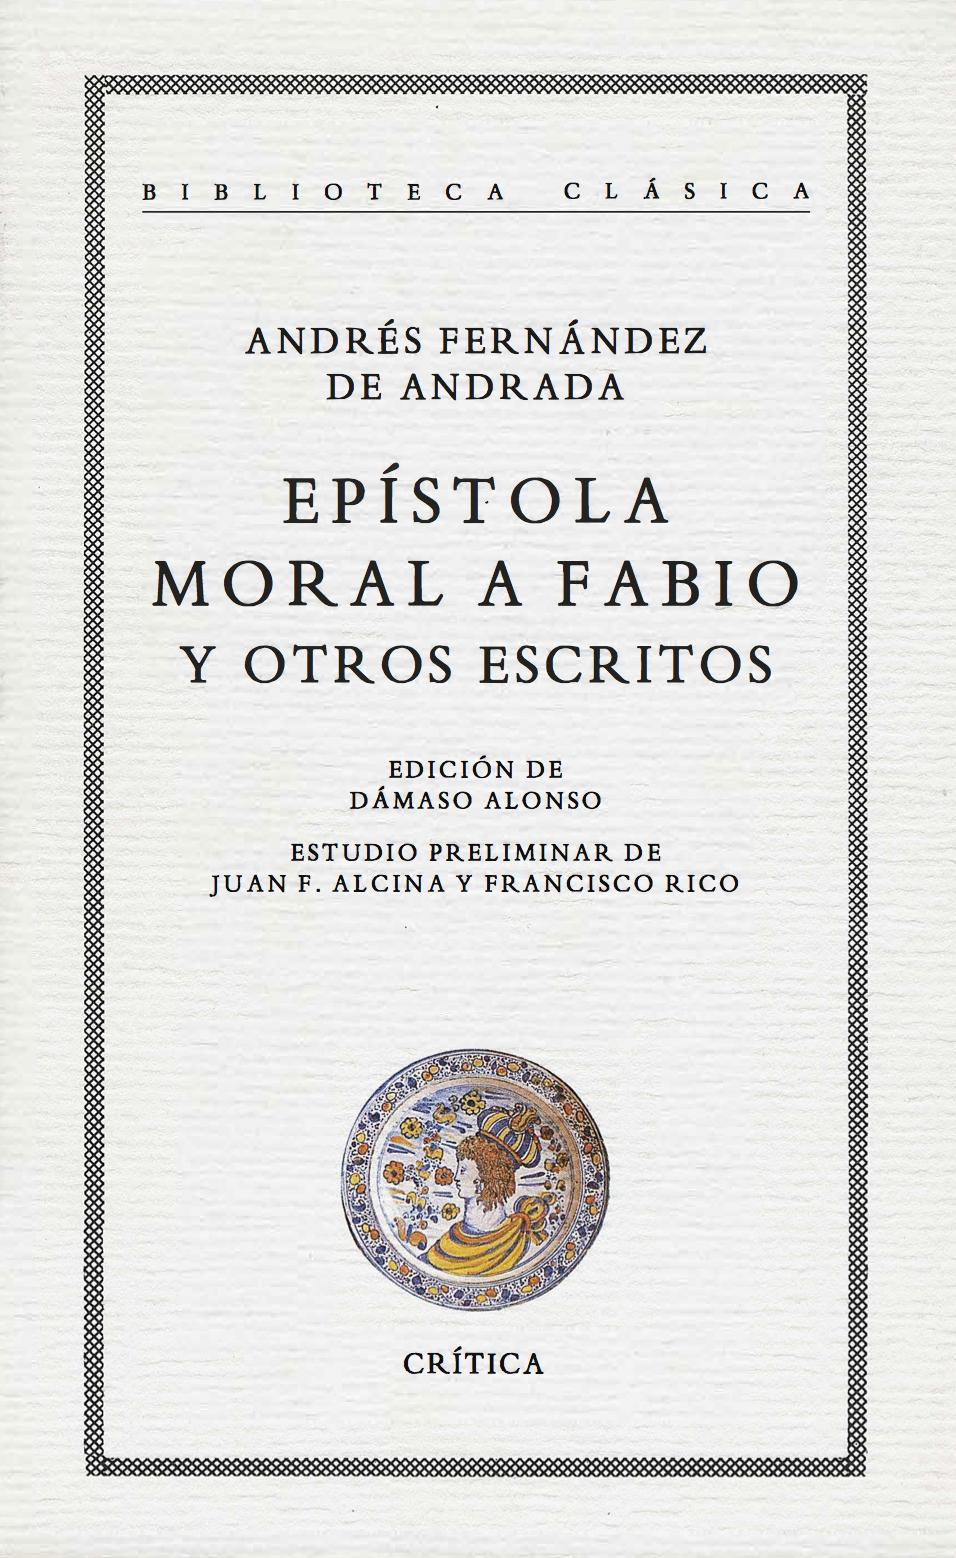 Andrés Fernández de Andrada (1993), Epístola moral a Fabio y otros escritos, ed. Dámaso Alonso, Juan Francisco Alcina y Francisco Rico, Barcelona: Crítica